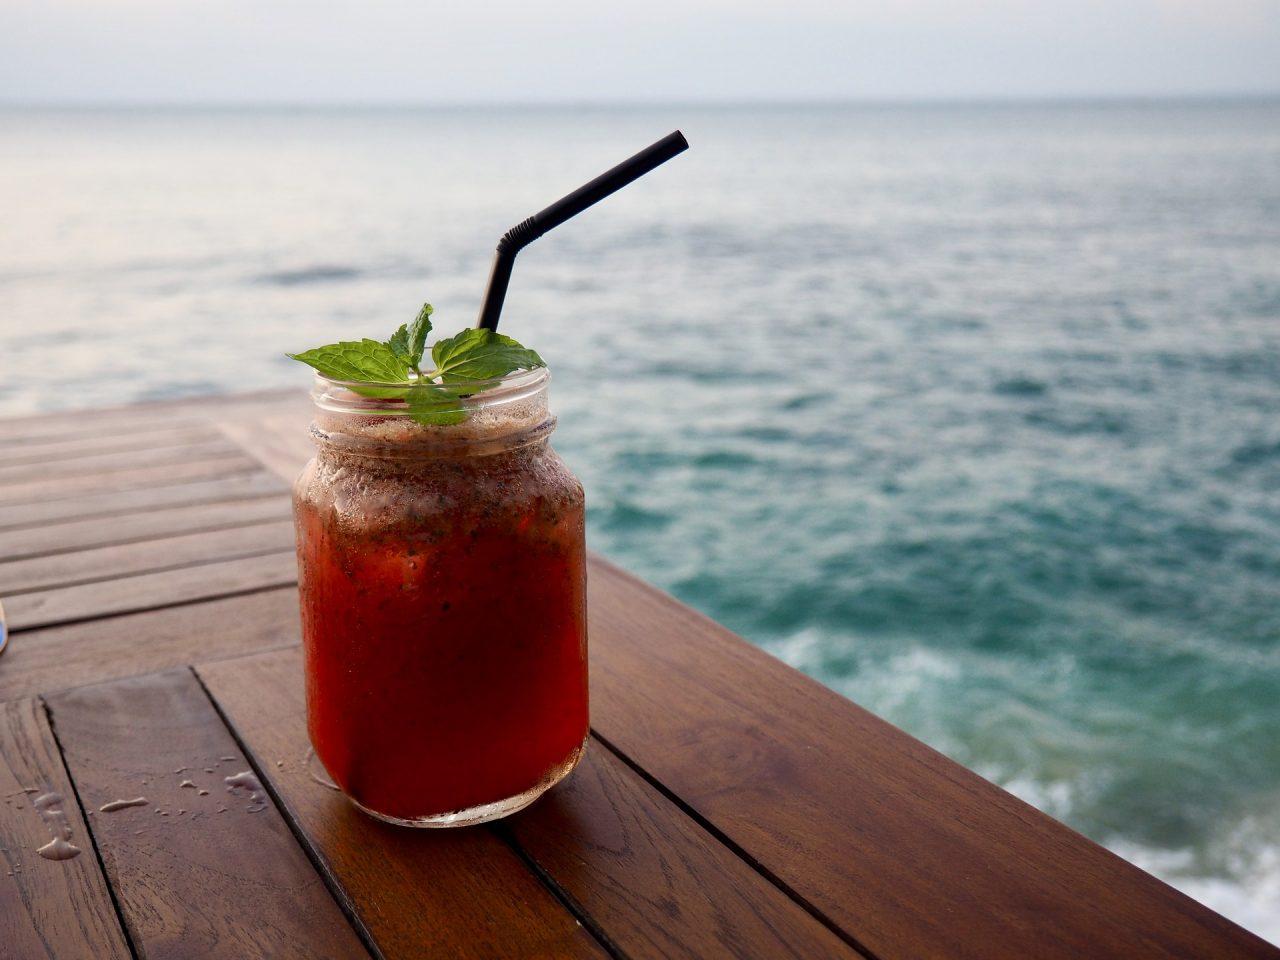 Προς άρση τα μέτρα για νυχτερινά κέντρα και beach bar - Στις παραλίες τα ποτά